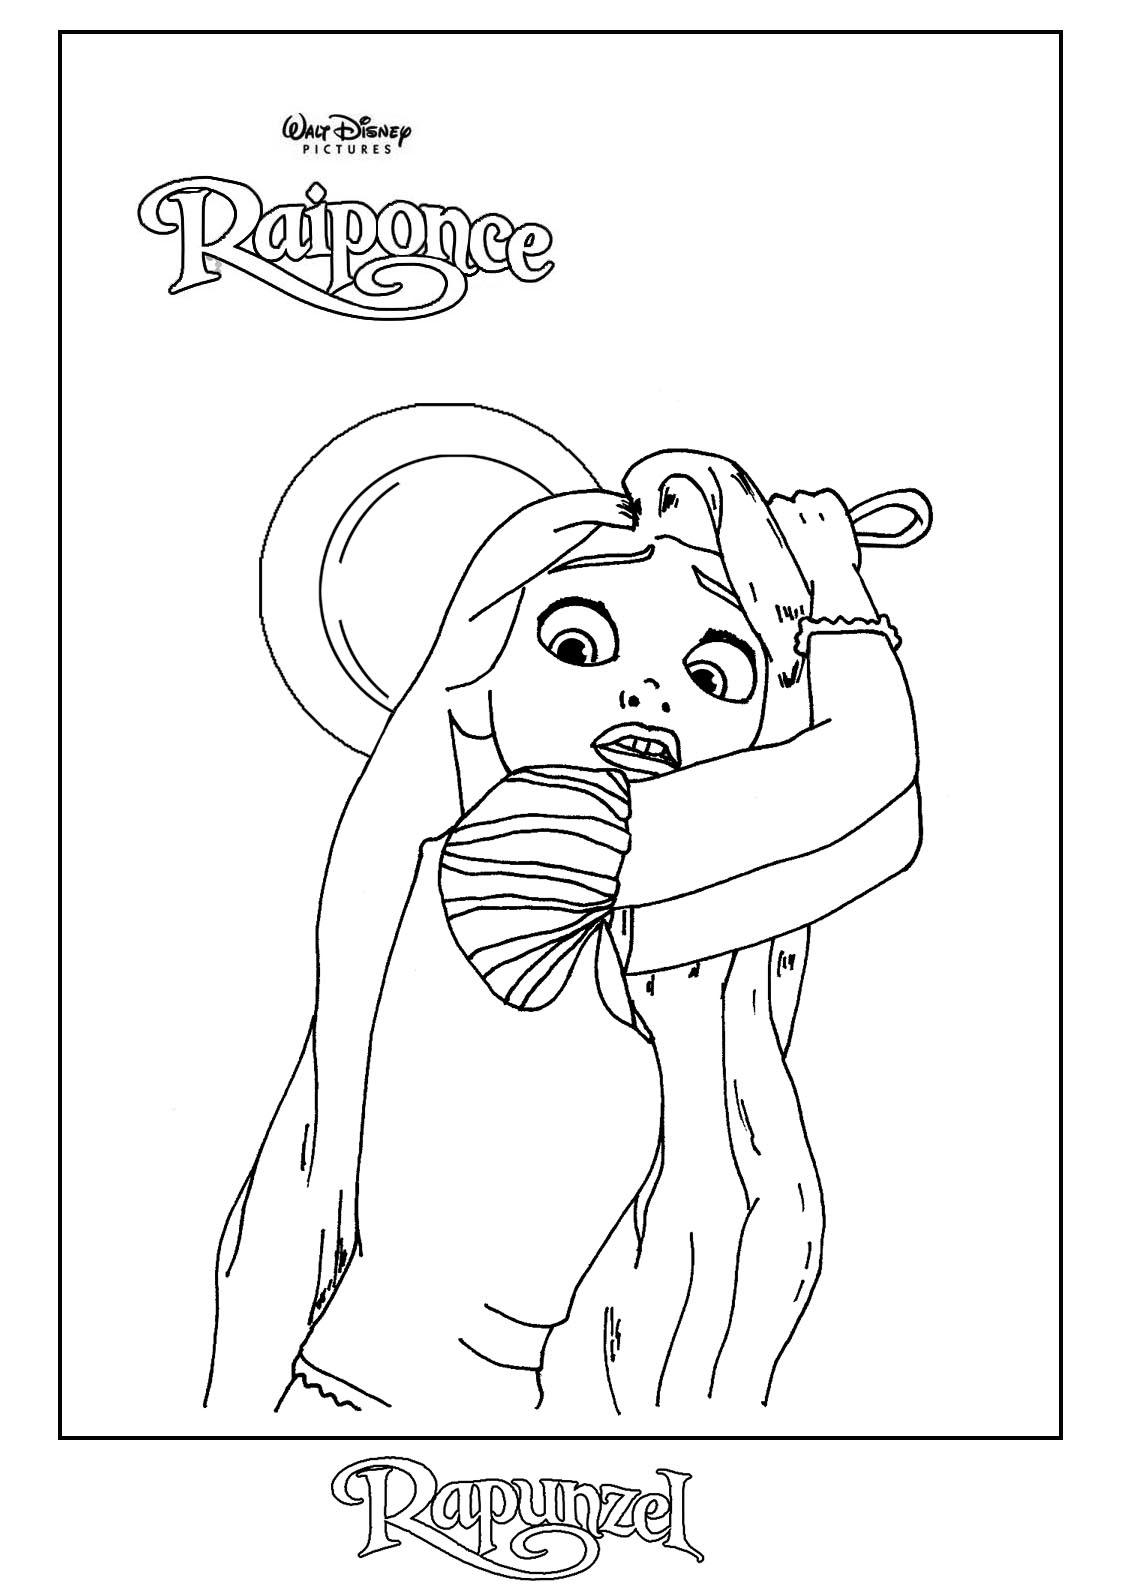 dessin 12077 dessin de raiponce a colorier et imprimer